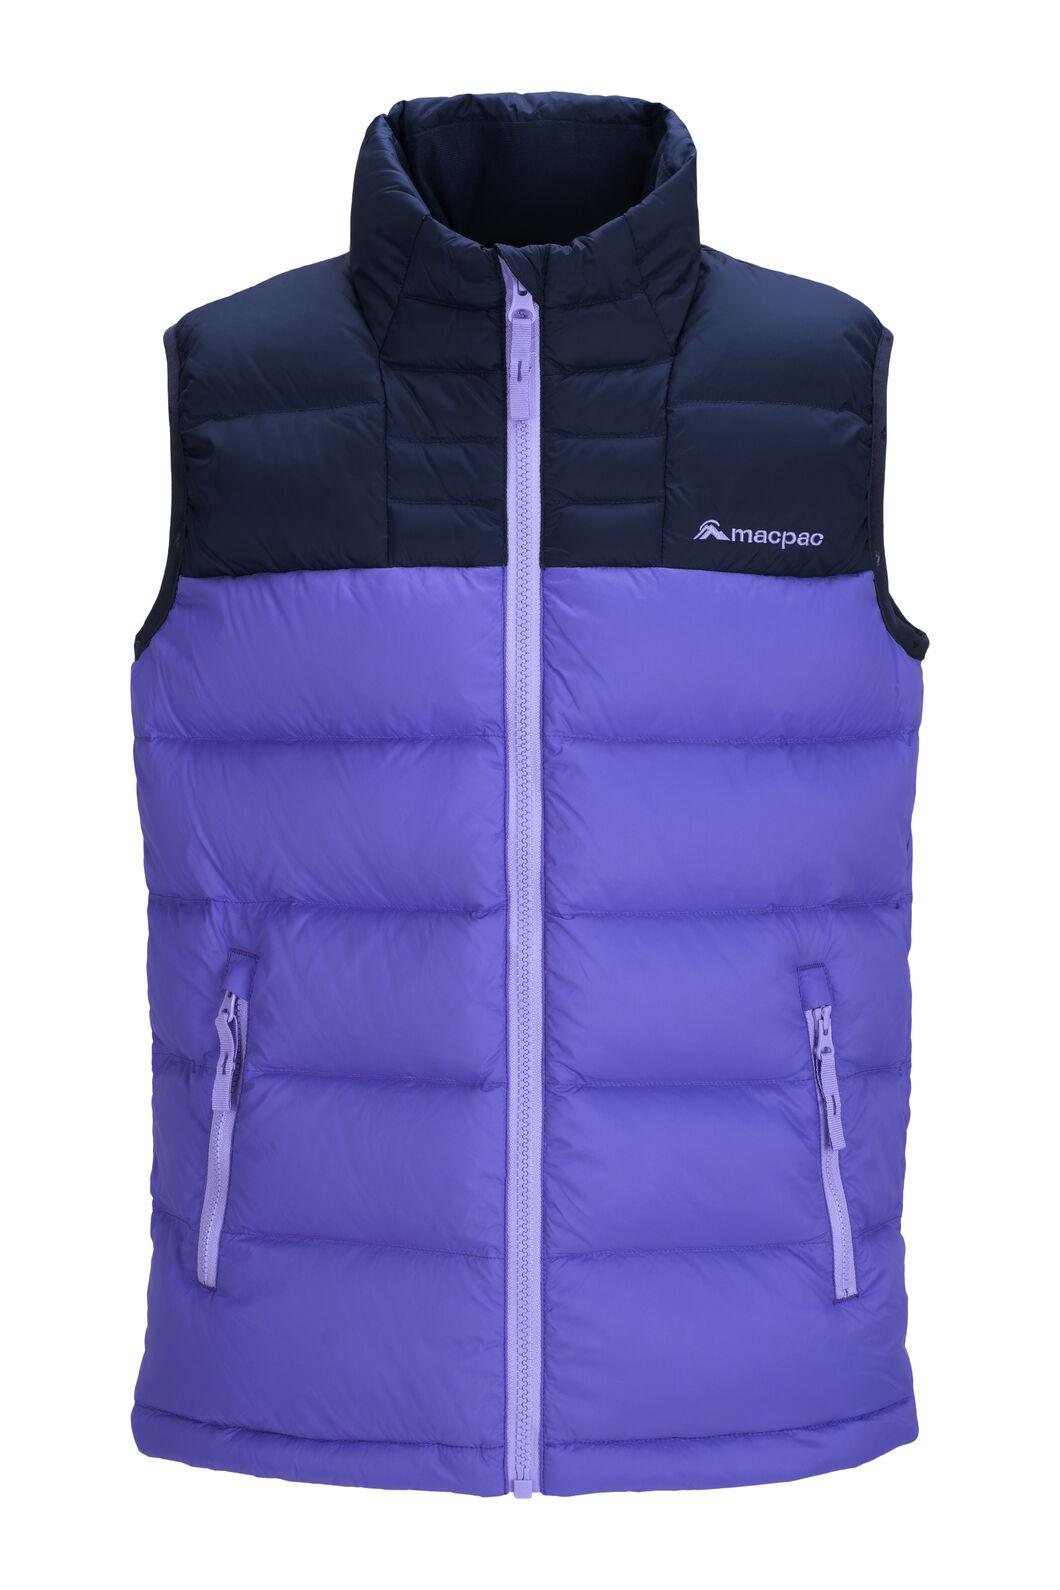 Macpac Atom Down Vest — Kids', Aster Purple, hi-res